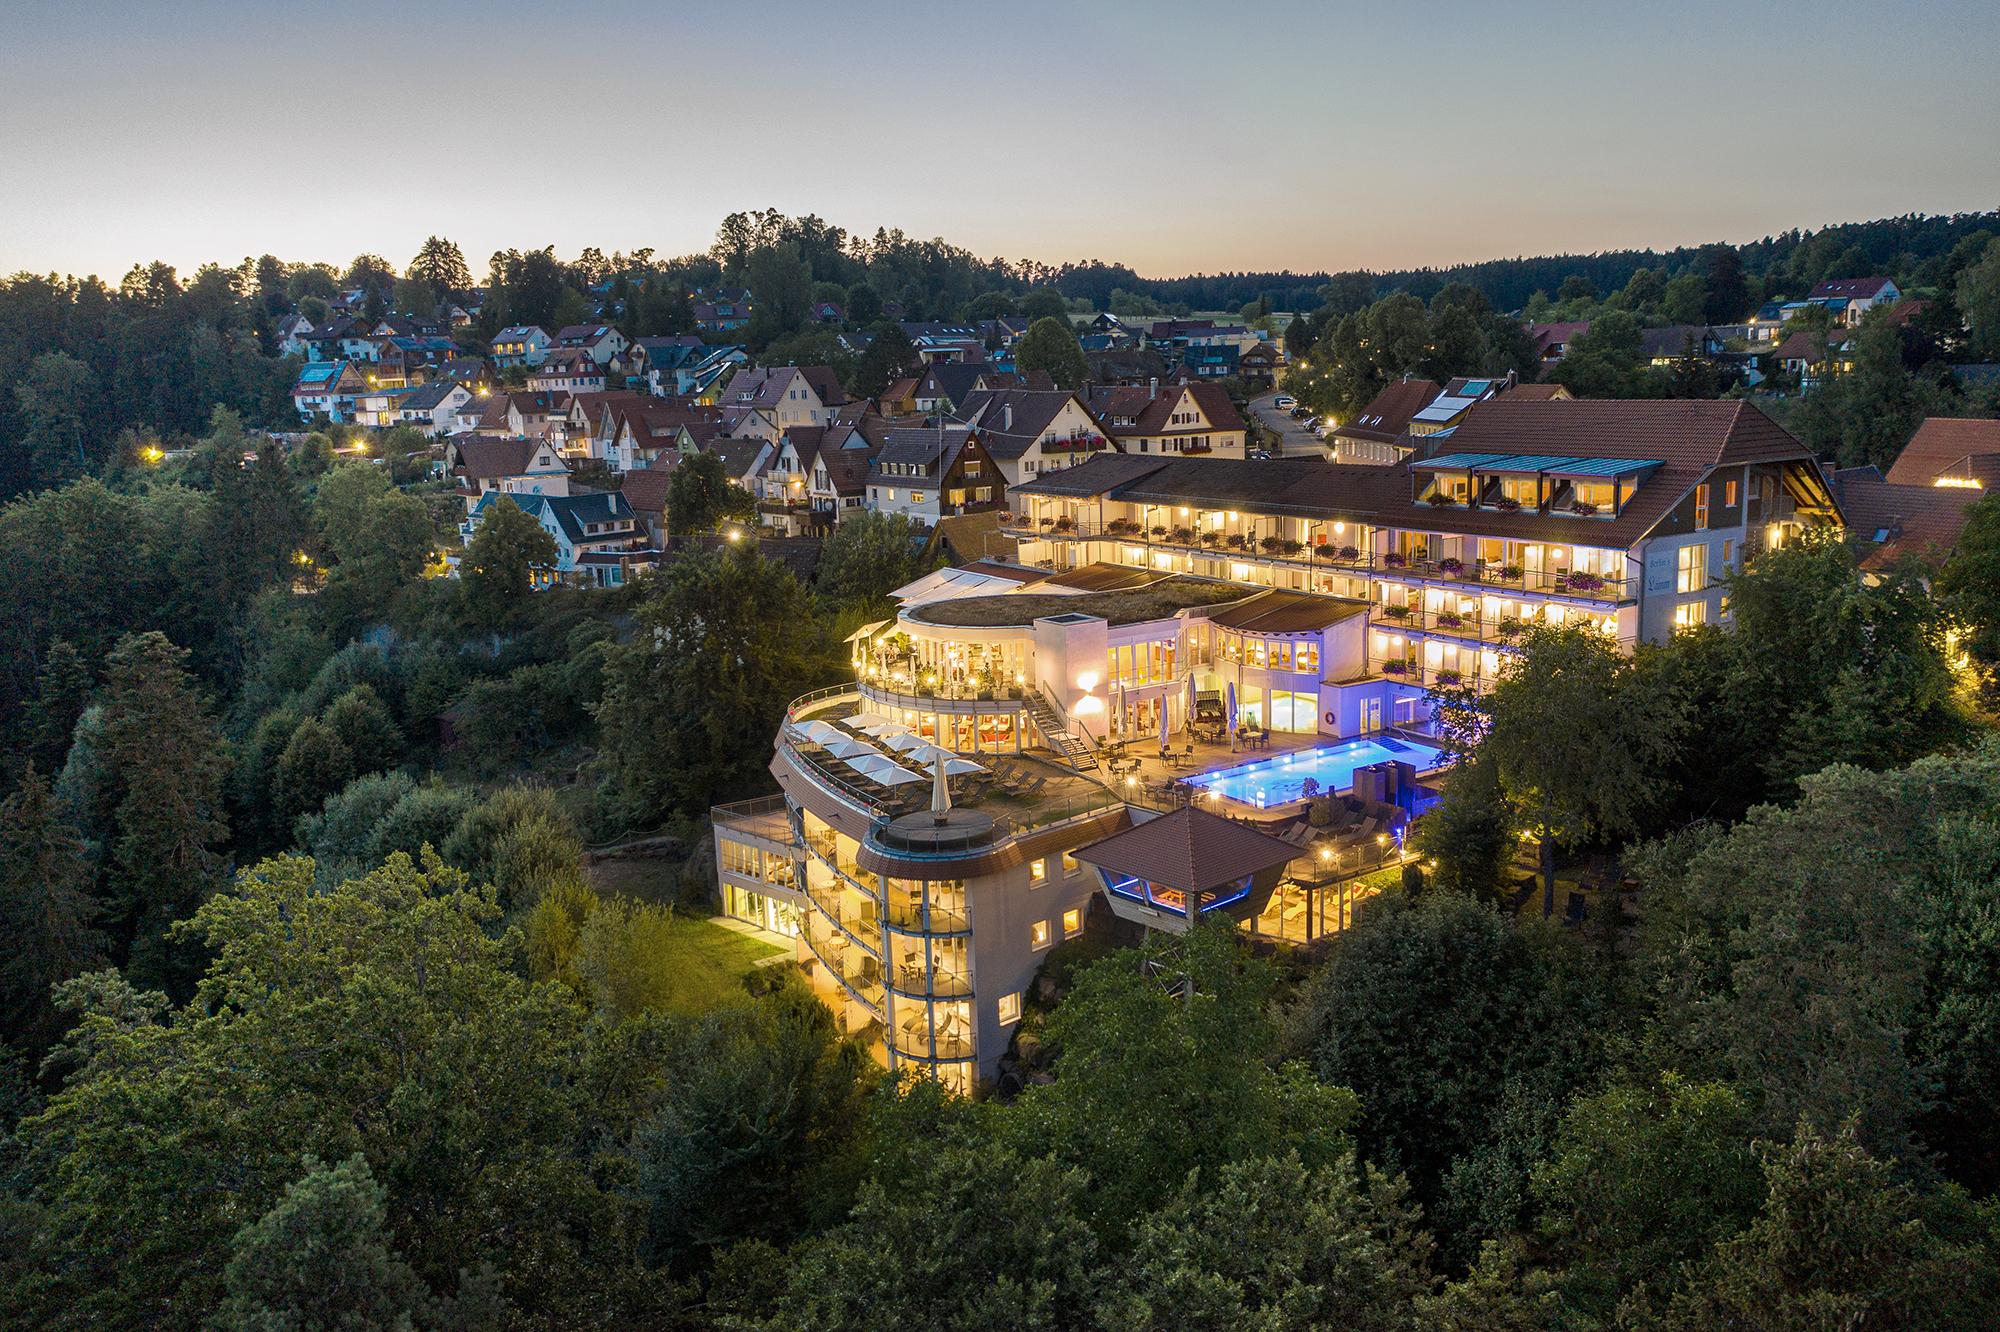 Hotel Lamm Krone Bad Teinach